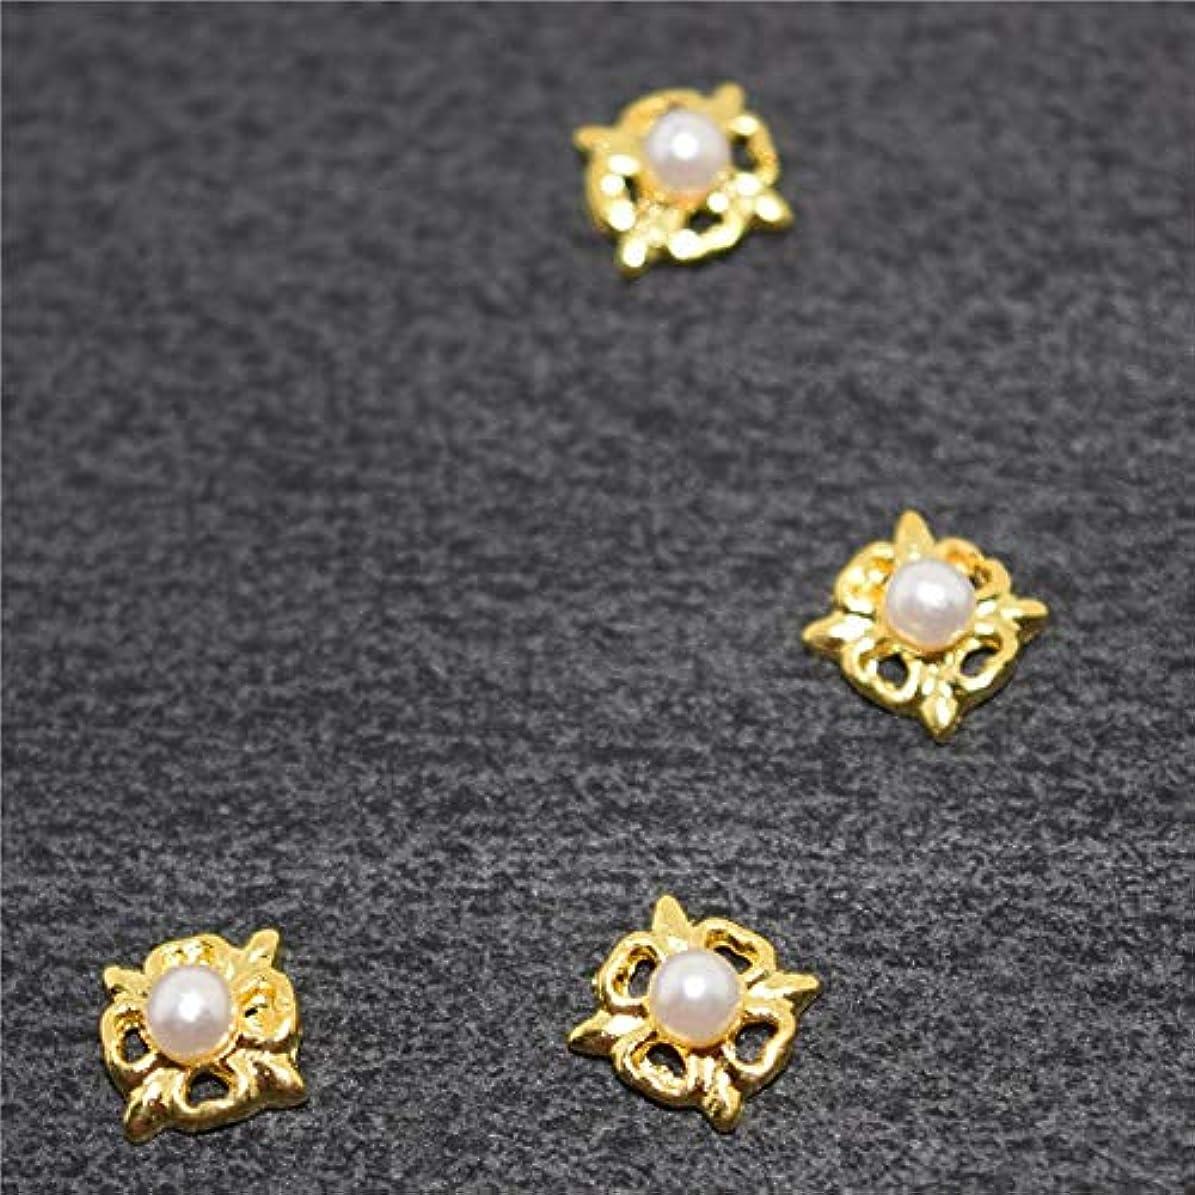 好意のり真実10個入りホワイトパールの星3Dネイルアートの装飾合金ネイルチャームネイルズラインストーンネイル用品